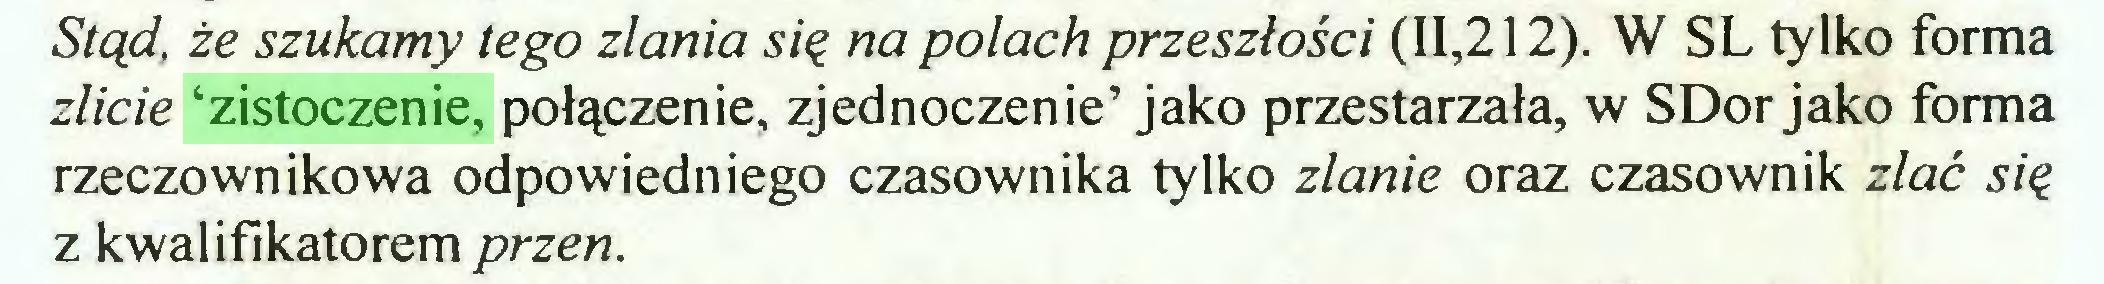 (...) Stąd. że szukamy tego zlania się na polach przeszłości (11,212). W SL tylko forma zlicie 'zistoczenie, połączenie, zjednoczenie' jako przestarzała, w SDor jako forma rzeczownikowa odpowiedniego czasownika tylko zlanie oraz czasownik zlać się z kwalifikatorem przen...